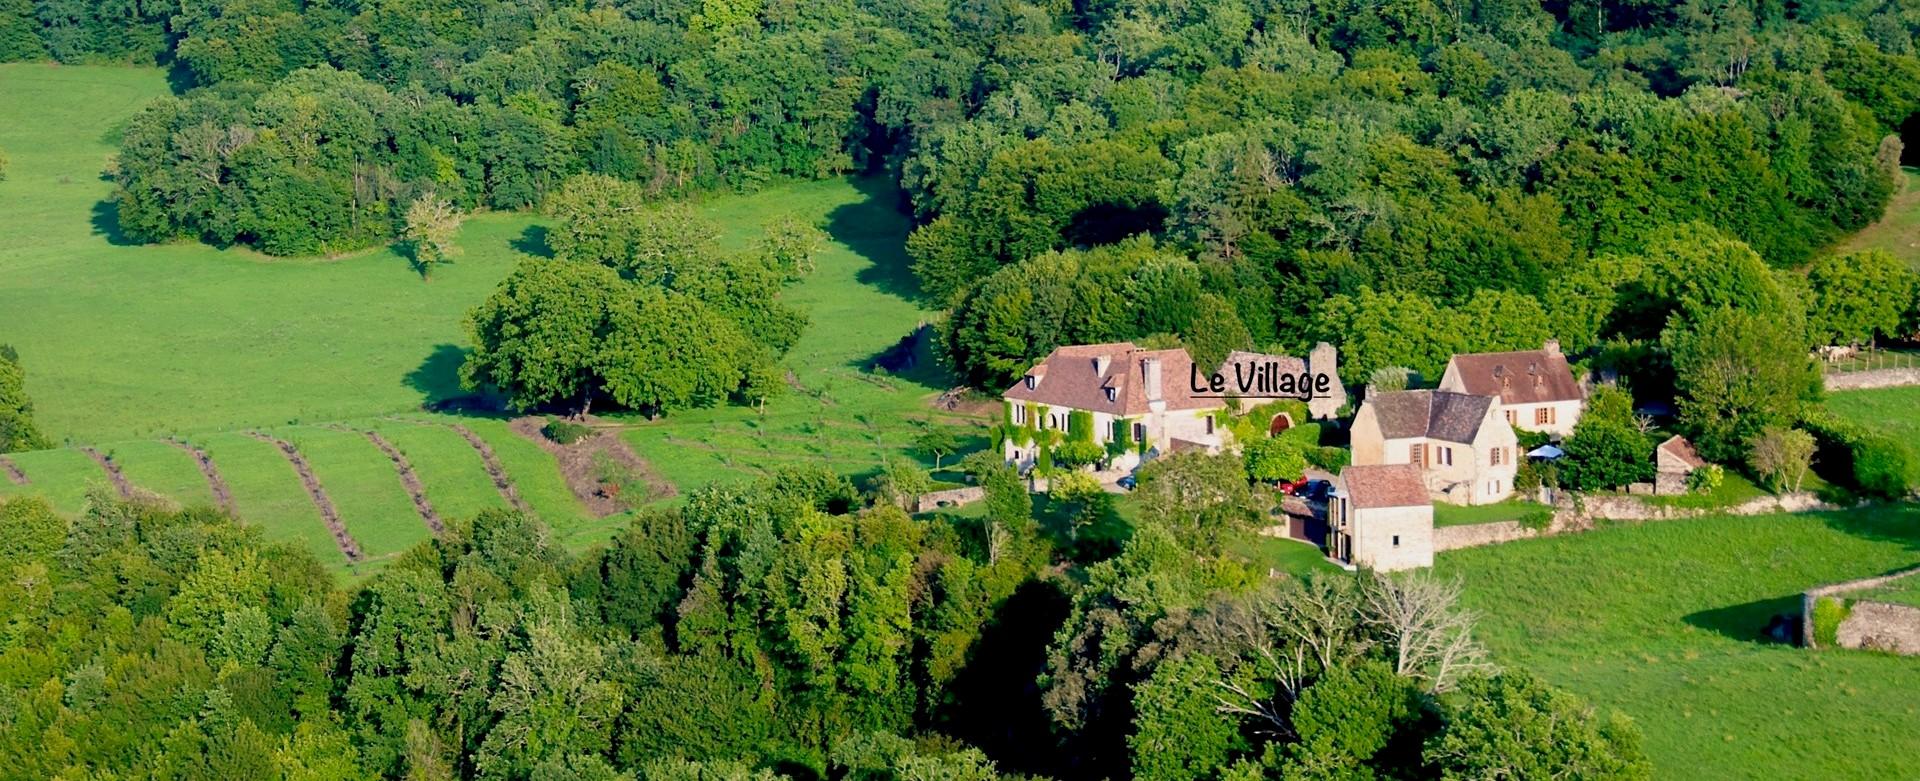 large-luxury-family-villa-dordogne